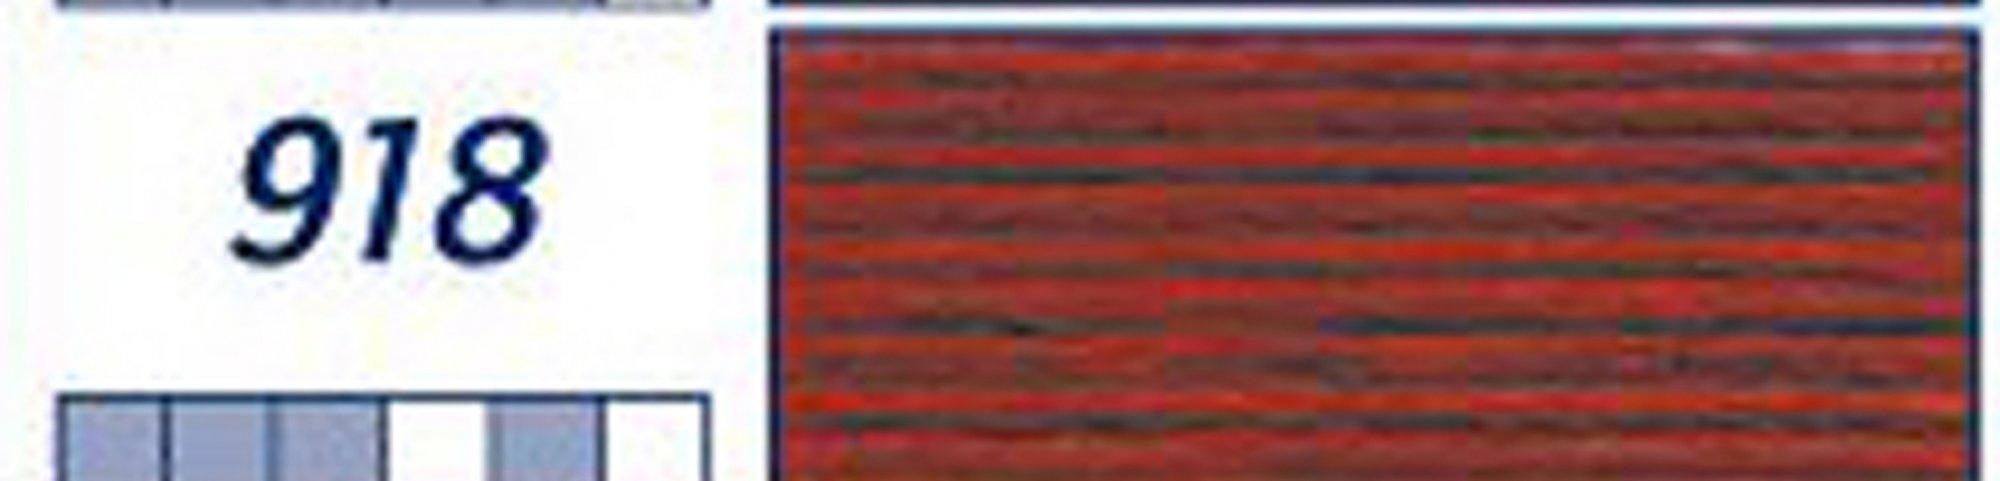 DP3-918-DK RED COPPER